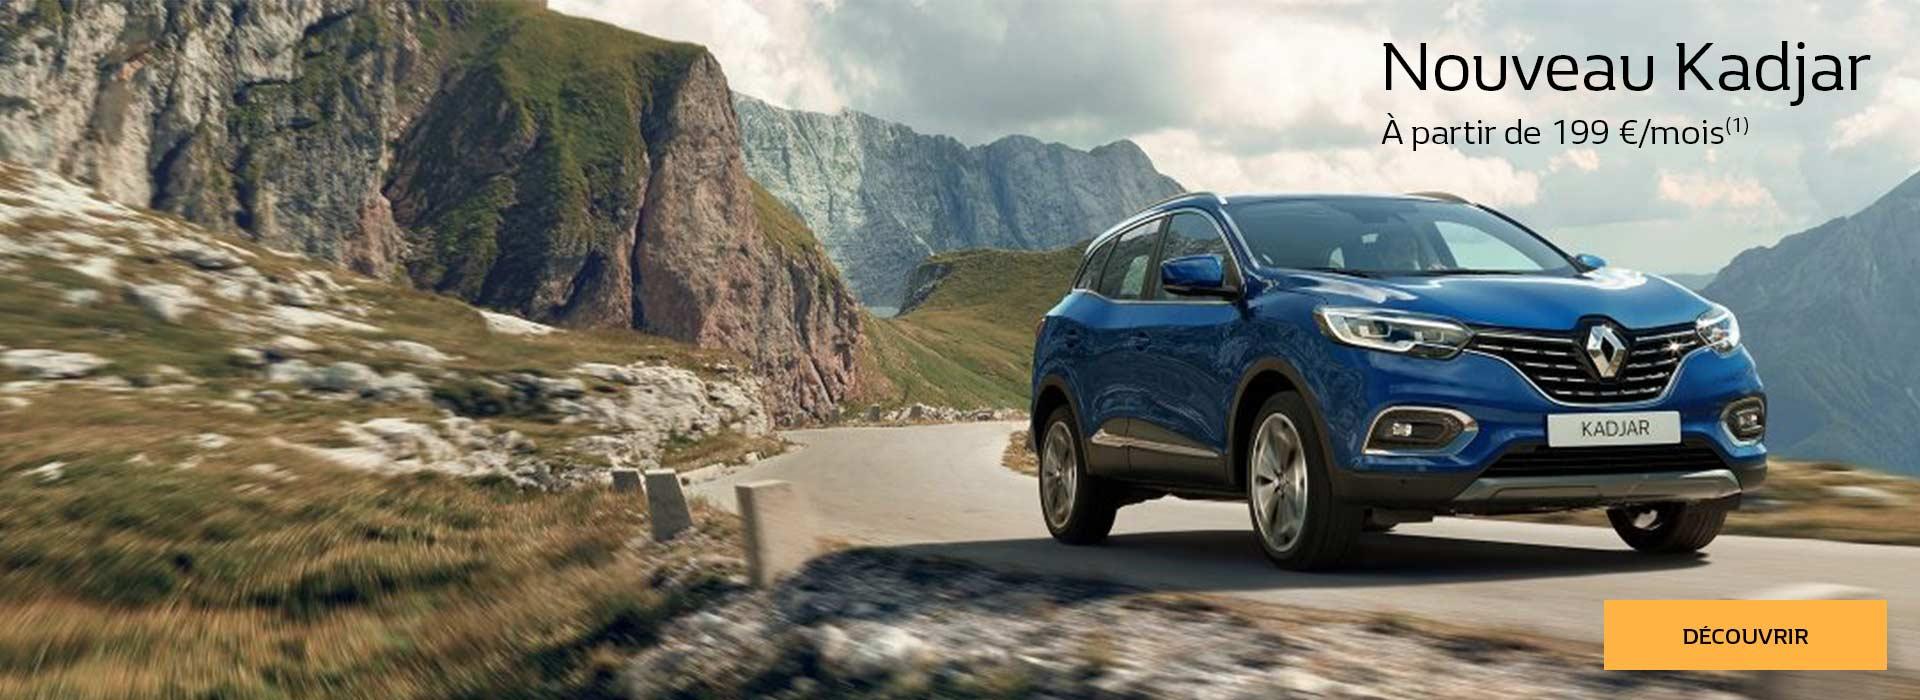 Renault Selestat Vente De Voiture Neuve Et Occasion